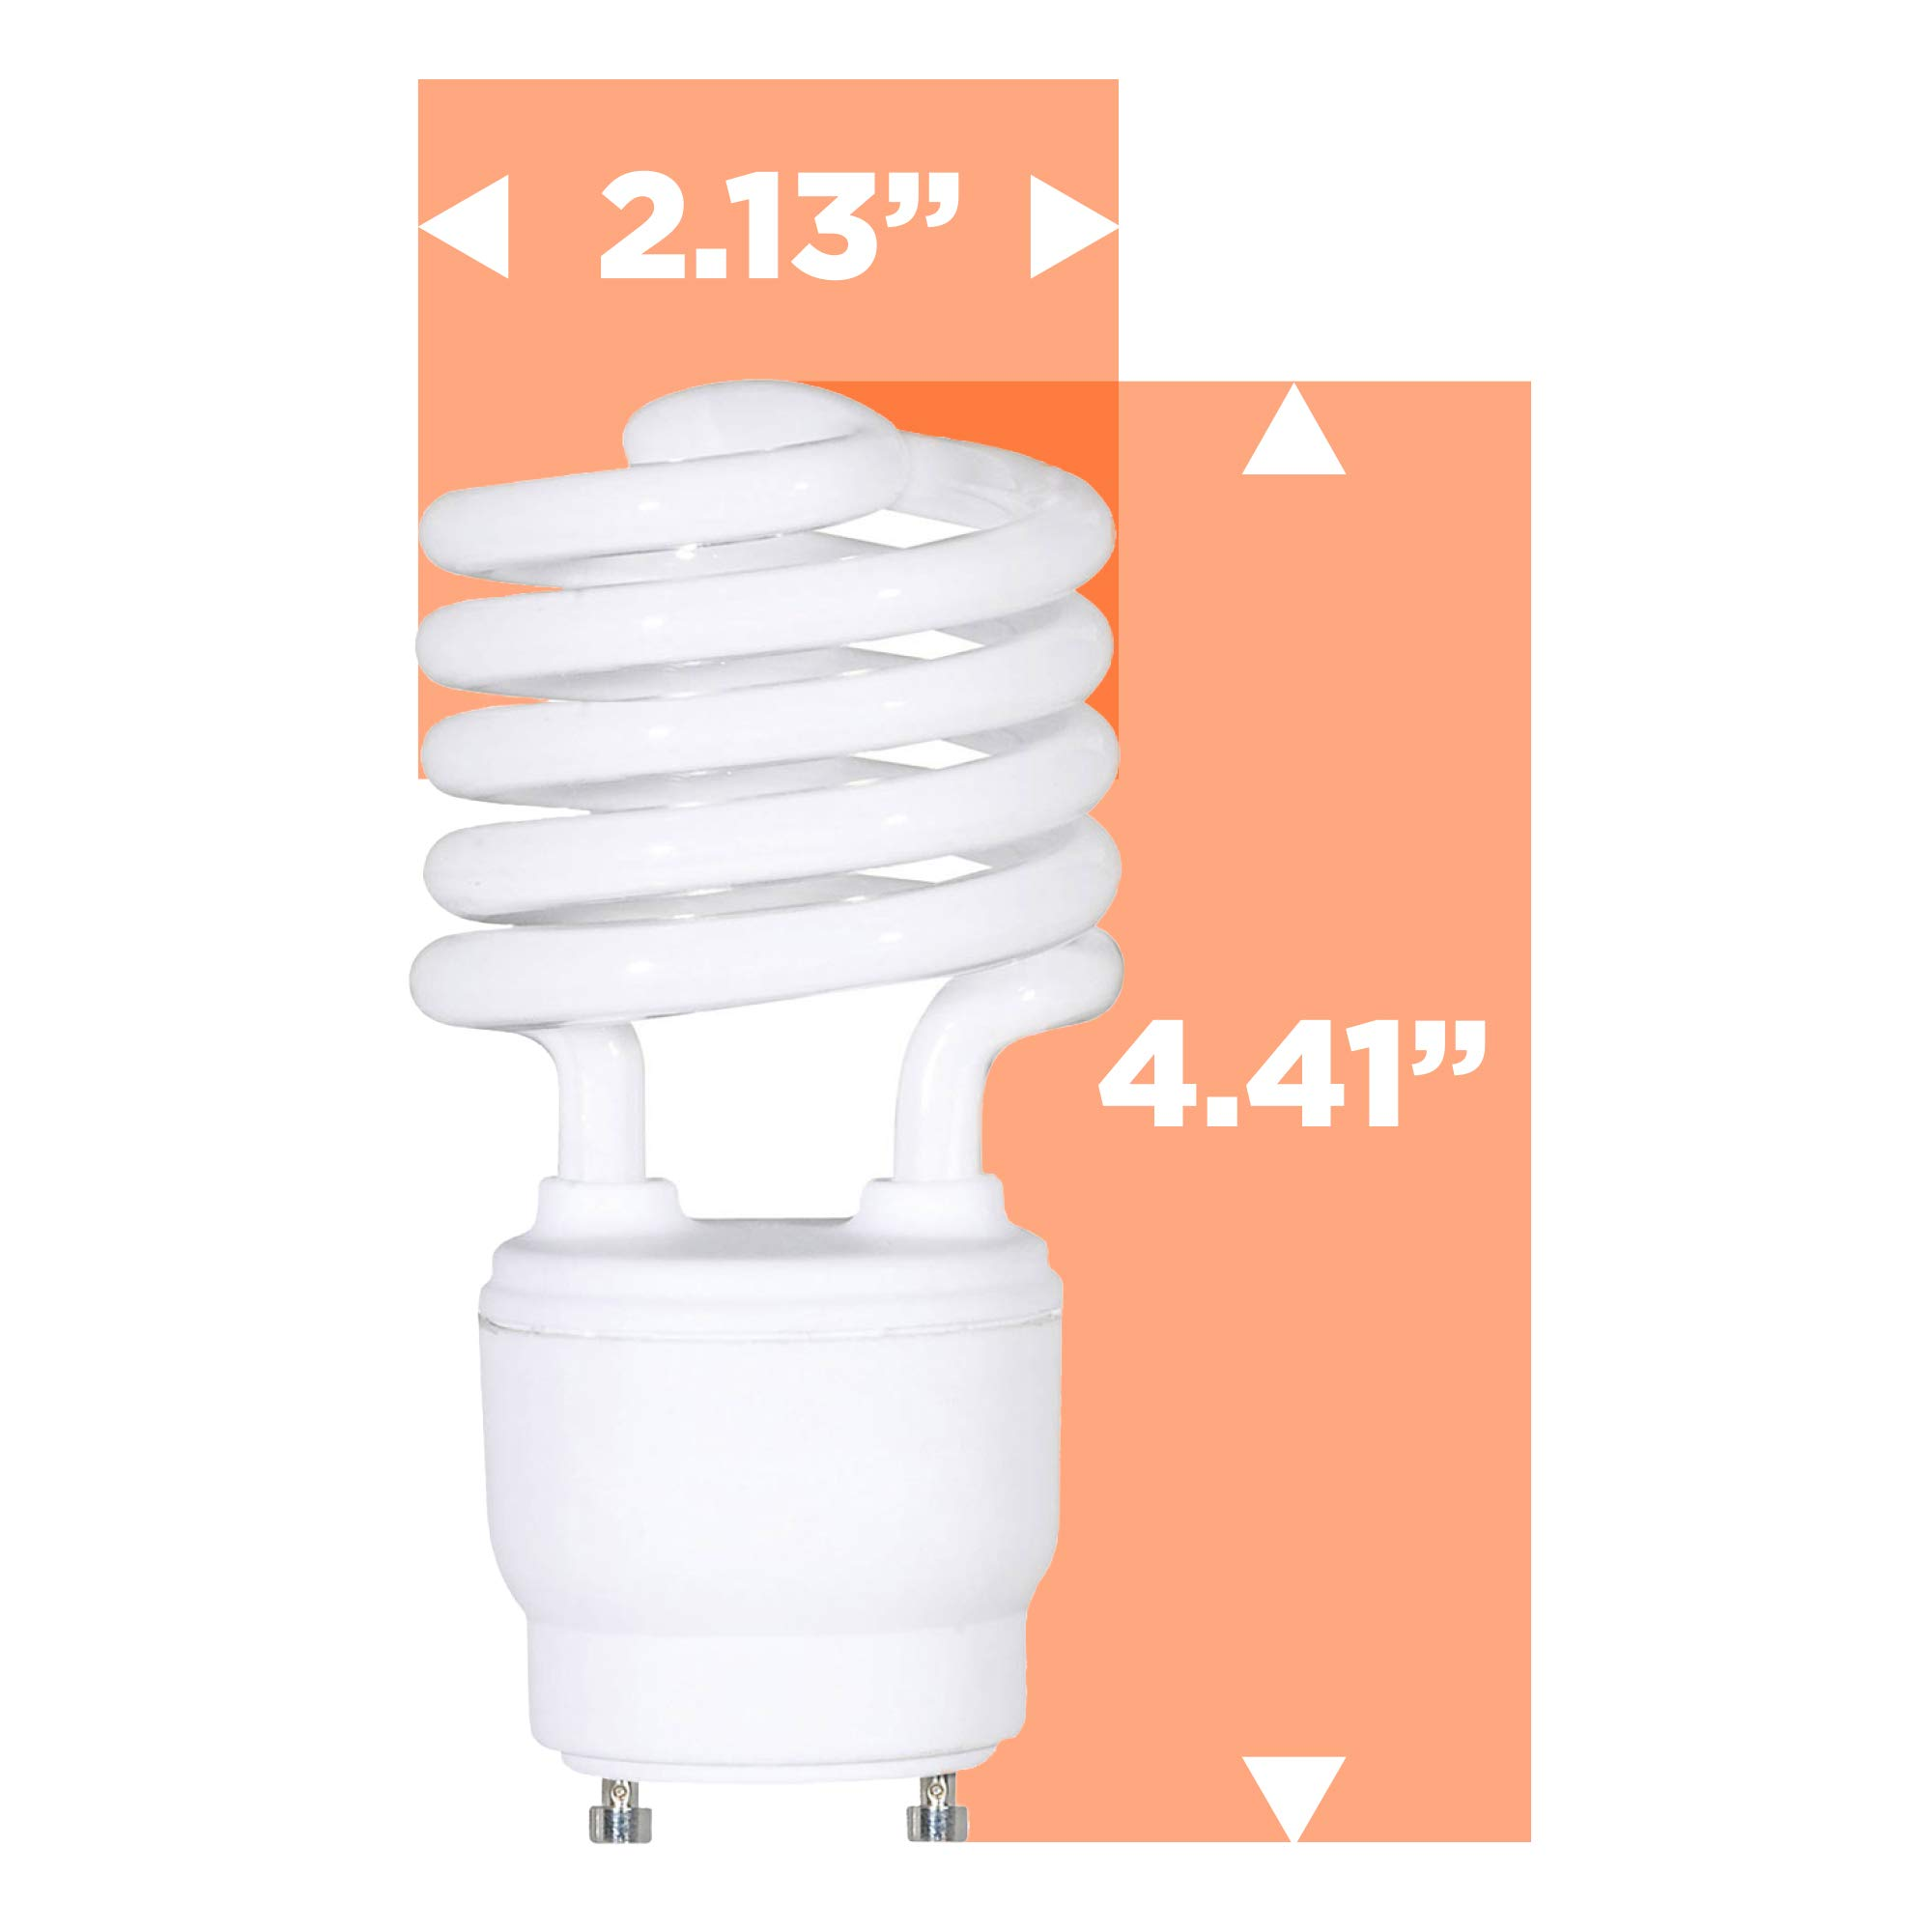 GoodBulb 23 Watt CFL Light Bulbs - T2 Spiral Compact Fluorescent - GU24 Light Bulb Base - 2700K 1600 Lumens - 4 Pack by GoodBulb (Image #7)